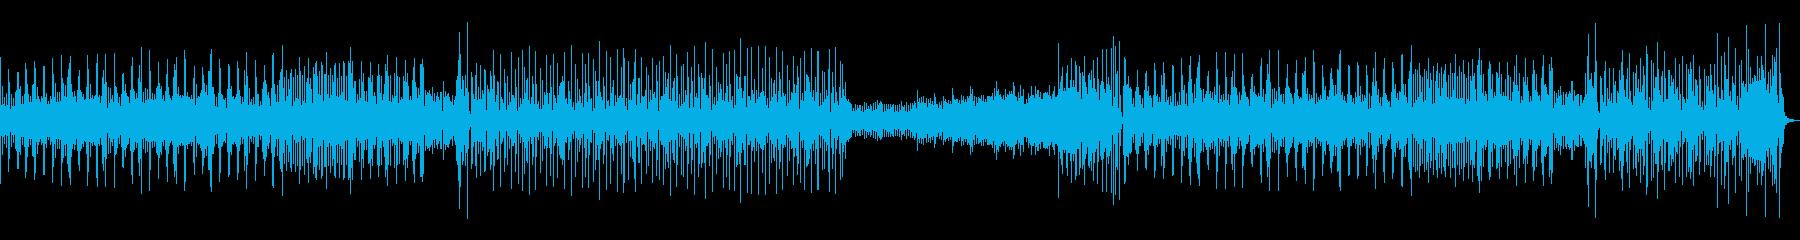 汎用性のある、ほんわかした楽しい曲の再生済みの波形